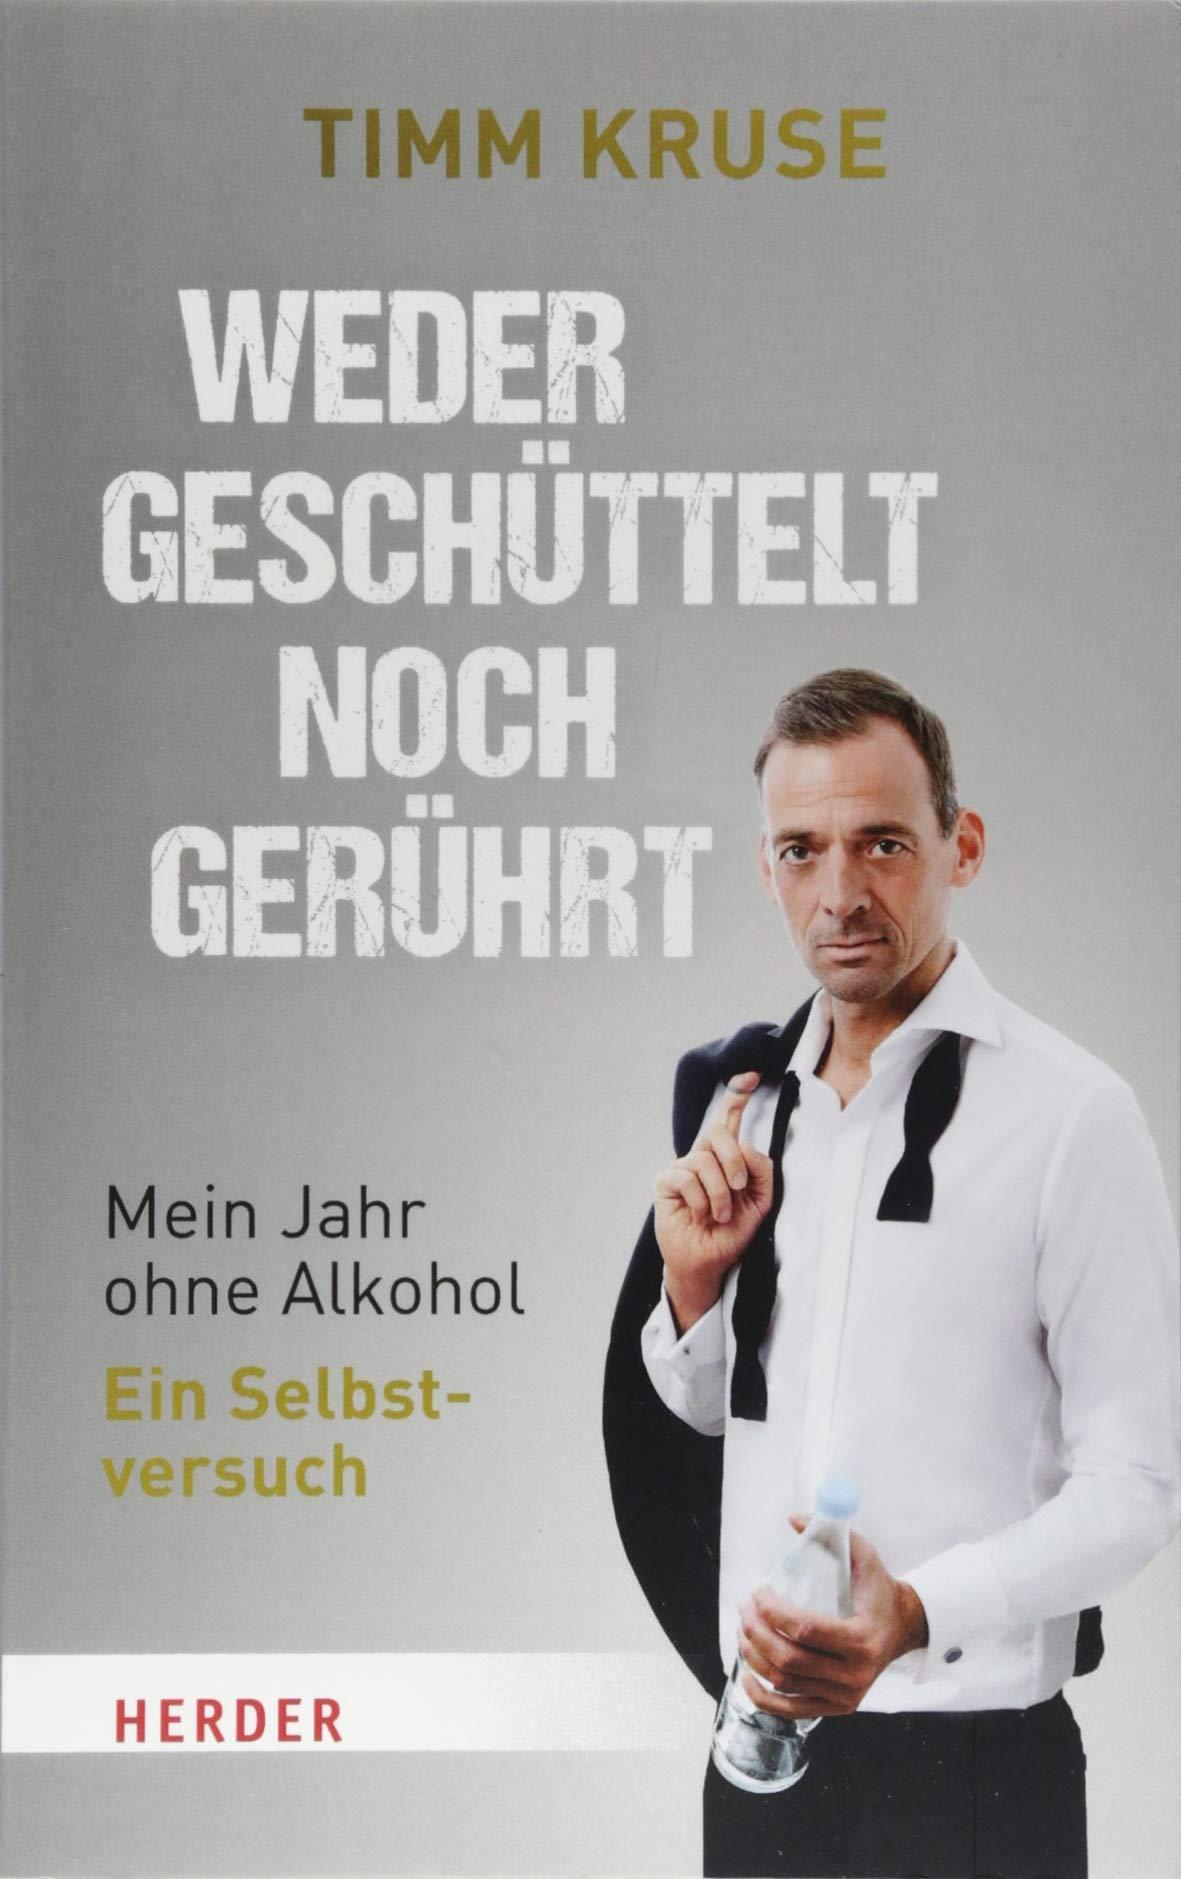 Weder geschüttelt noch gerührt: Mein Jahr ohne Alkohol – Ein Selbstversuch